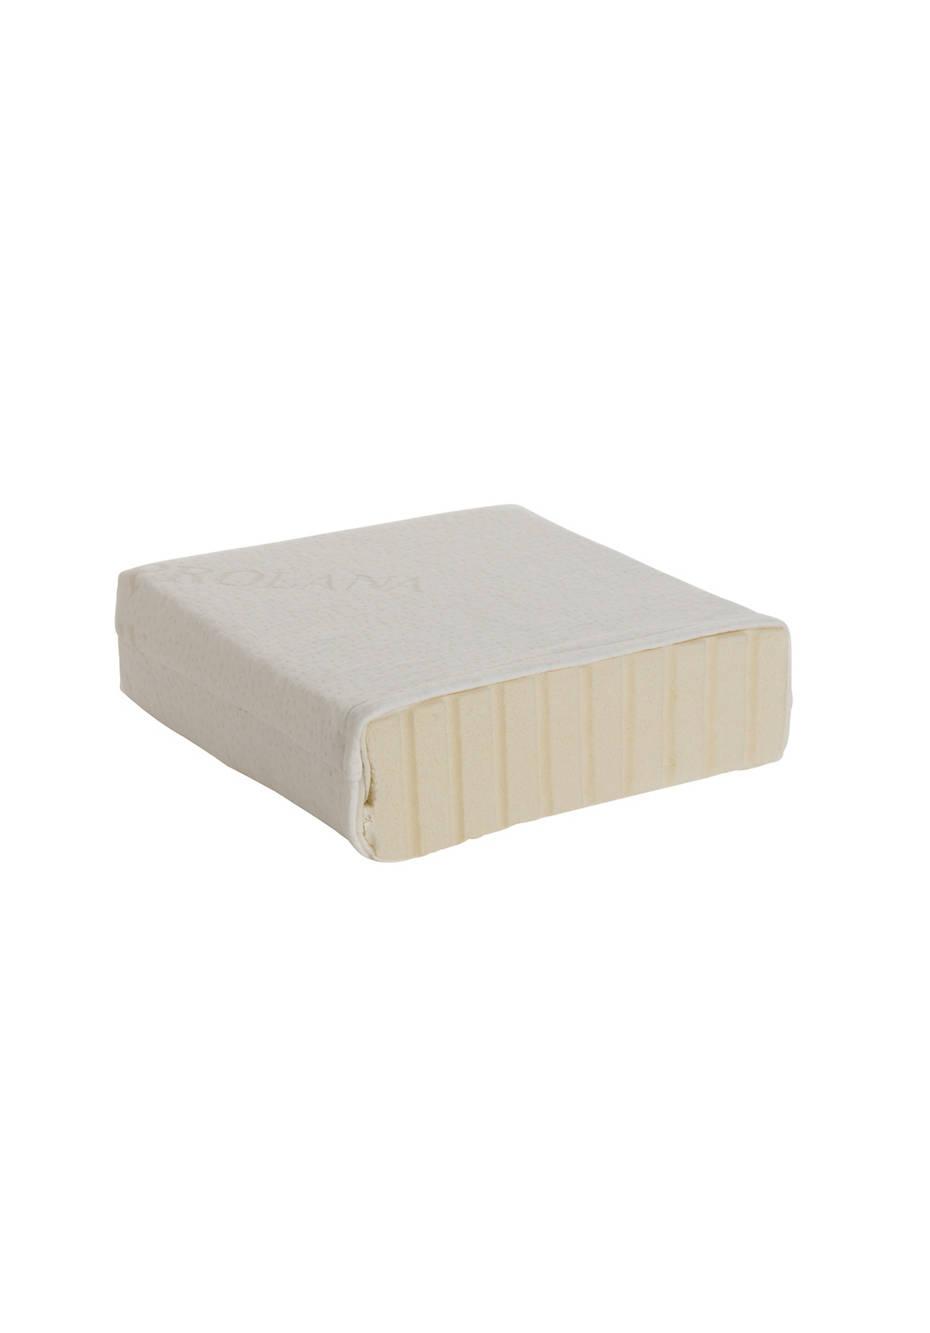 Matratzentopper Standard mittelfest